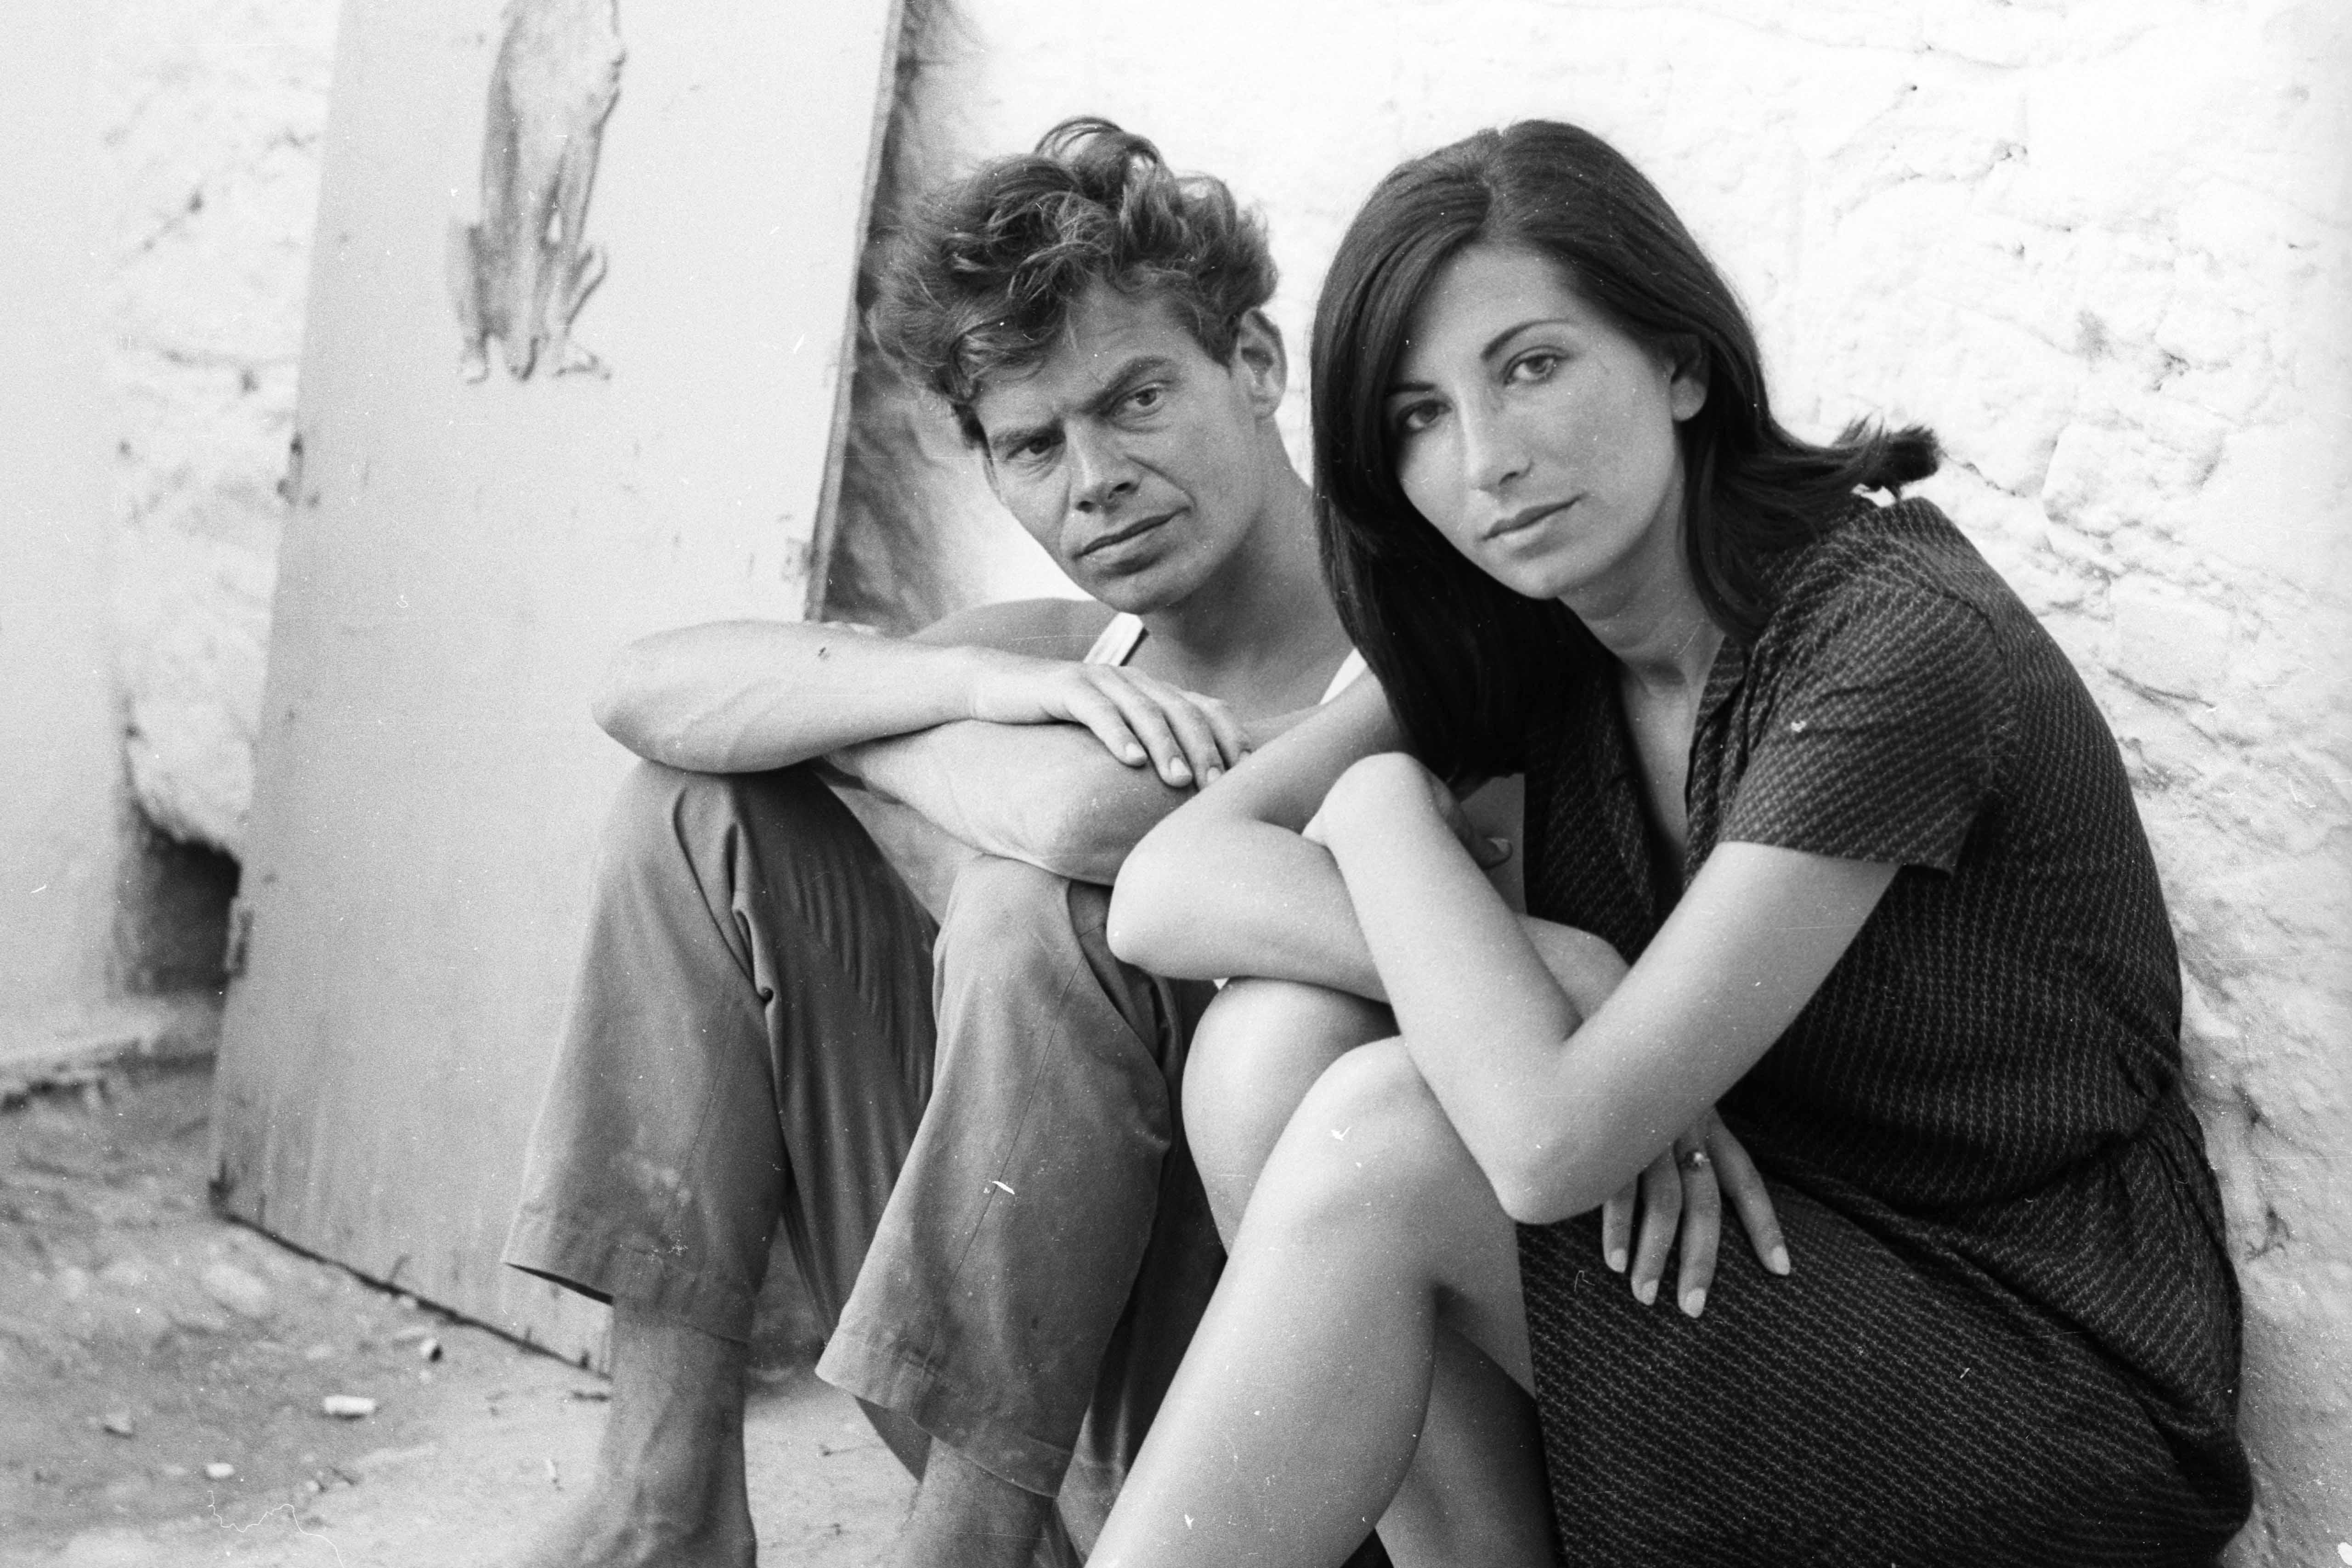 Rollenporträt von Peter Brogle und Athina Zacharpoulou im Film Lebenszeichen